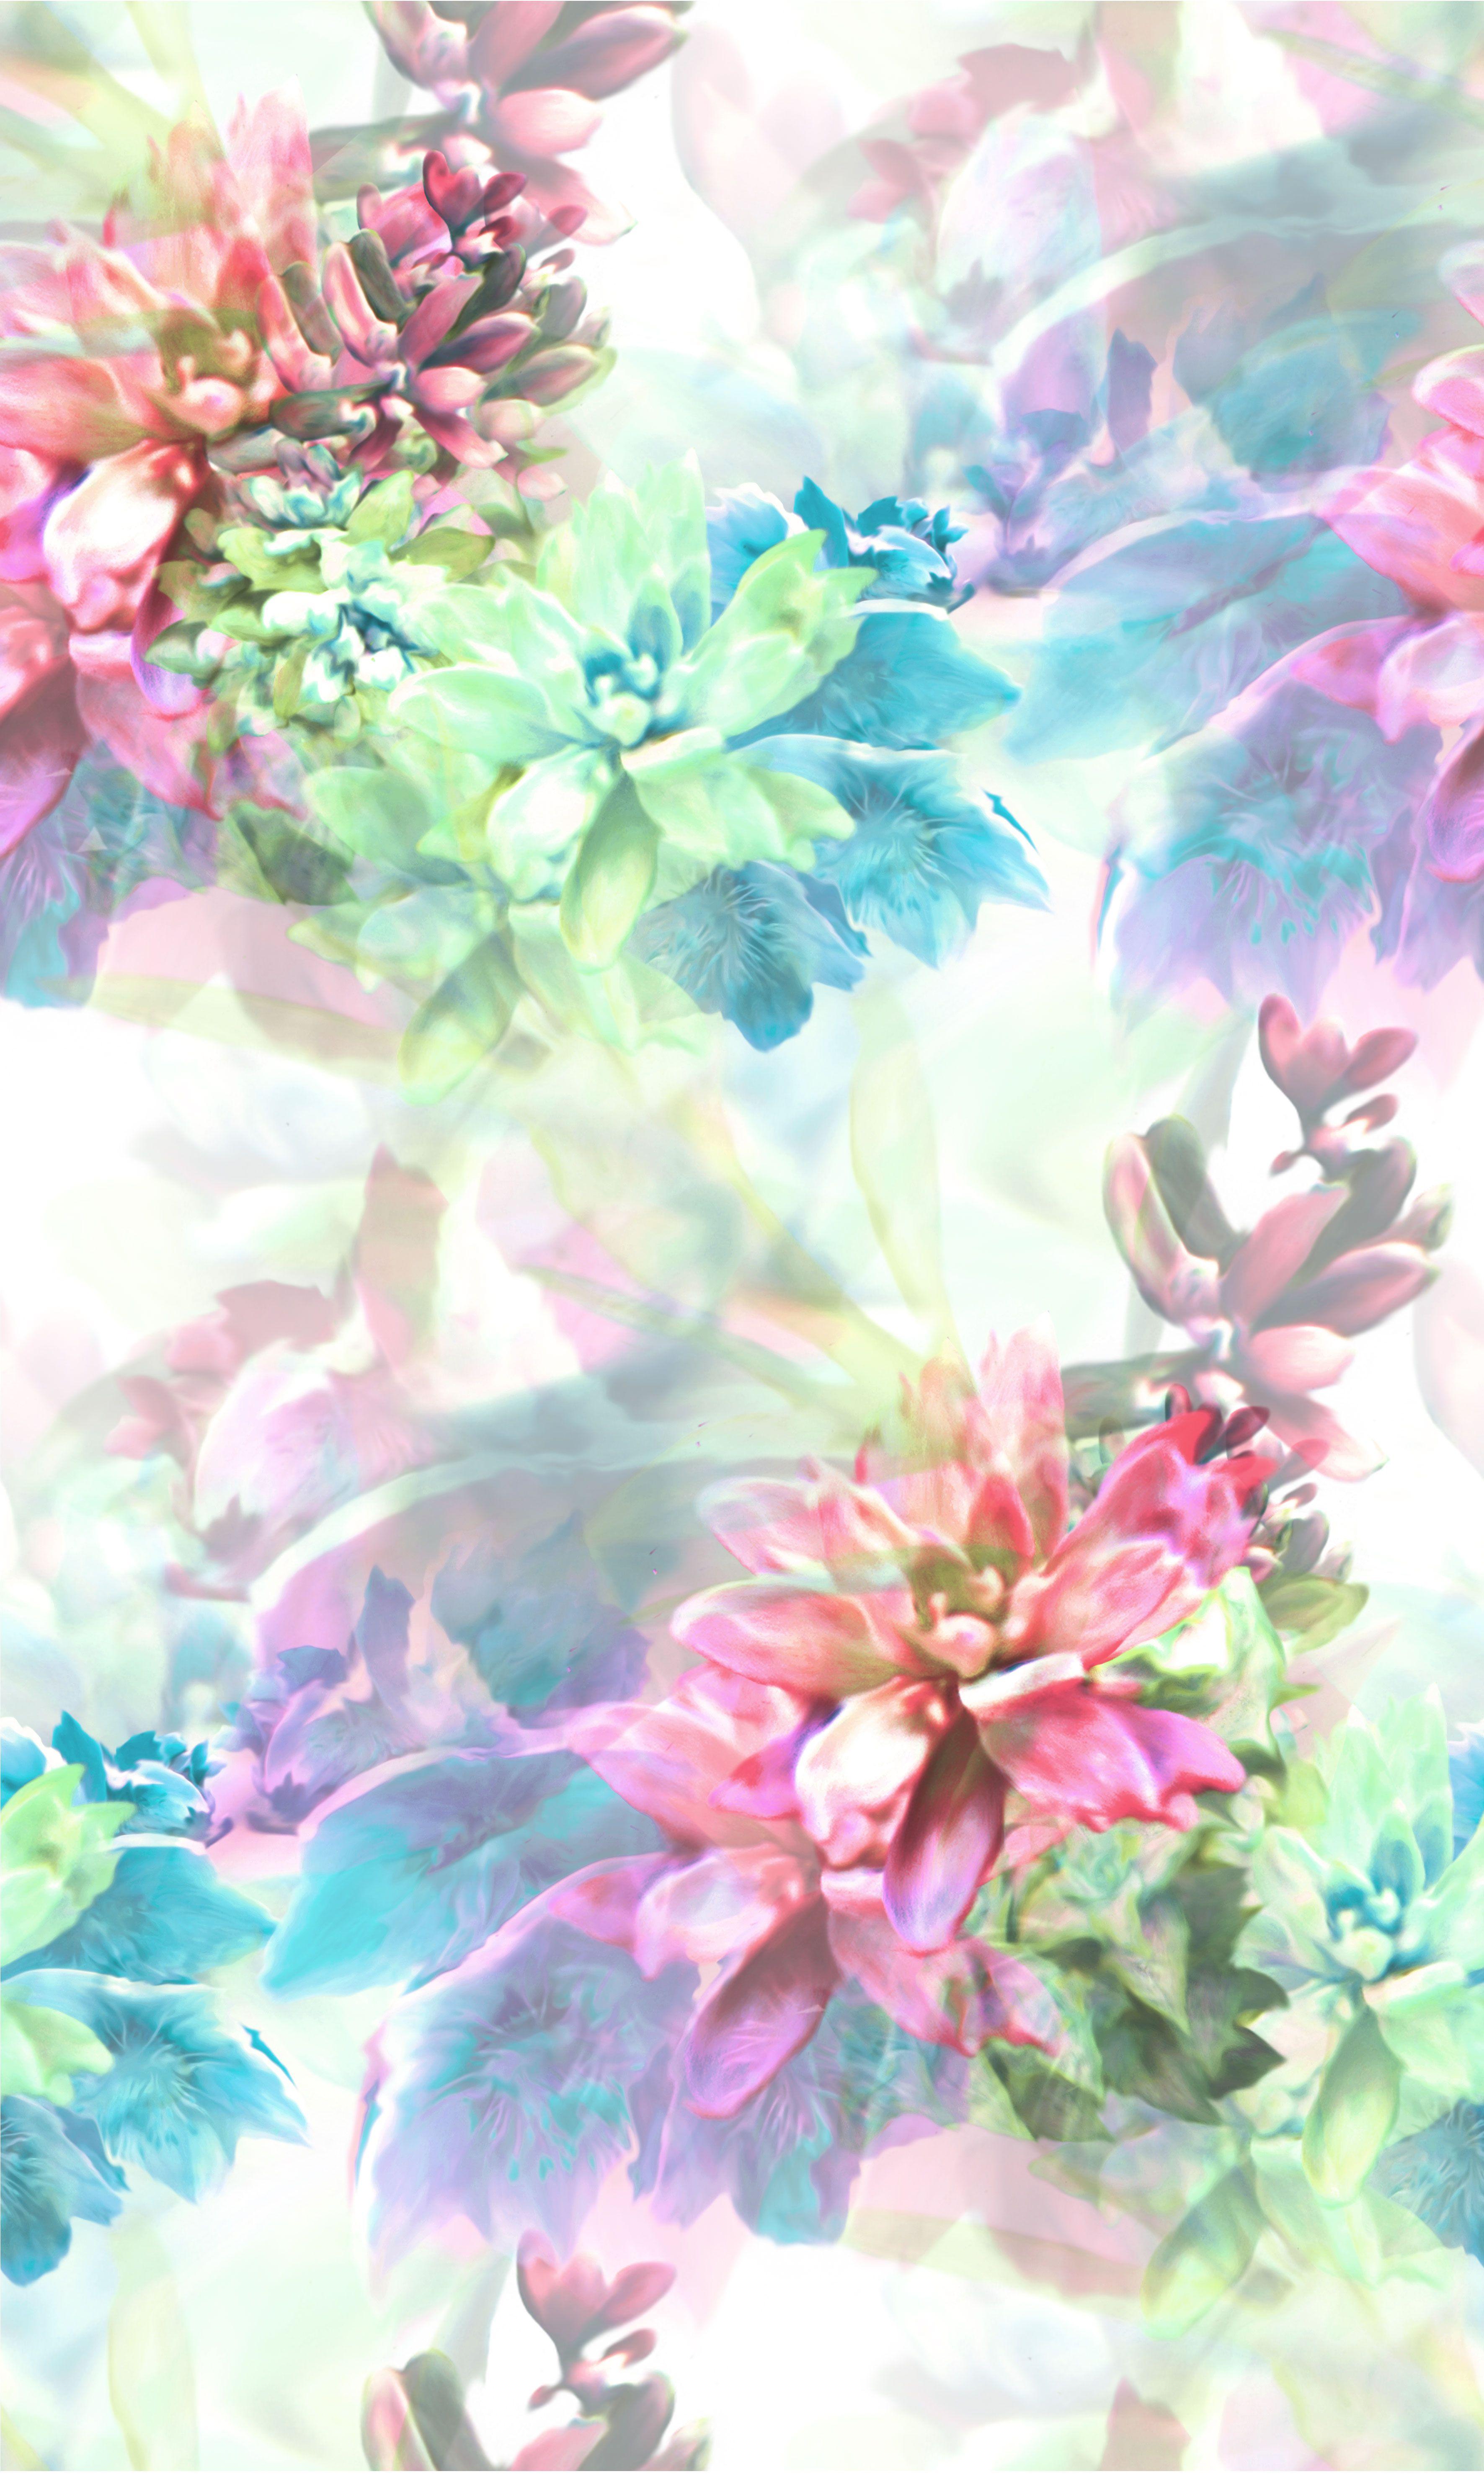 prints floral backgrounds spring pastel flower patterns cool textile pretty colors visit colours